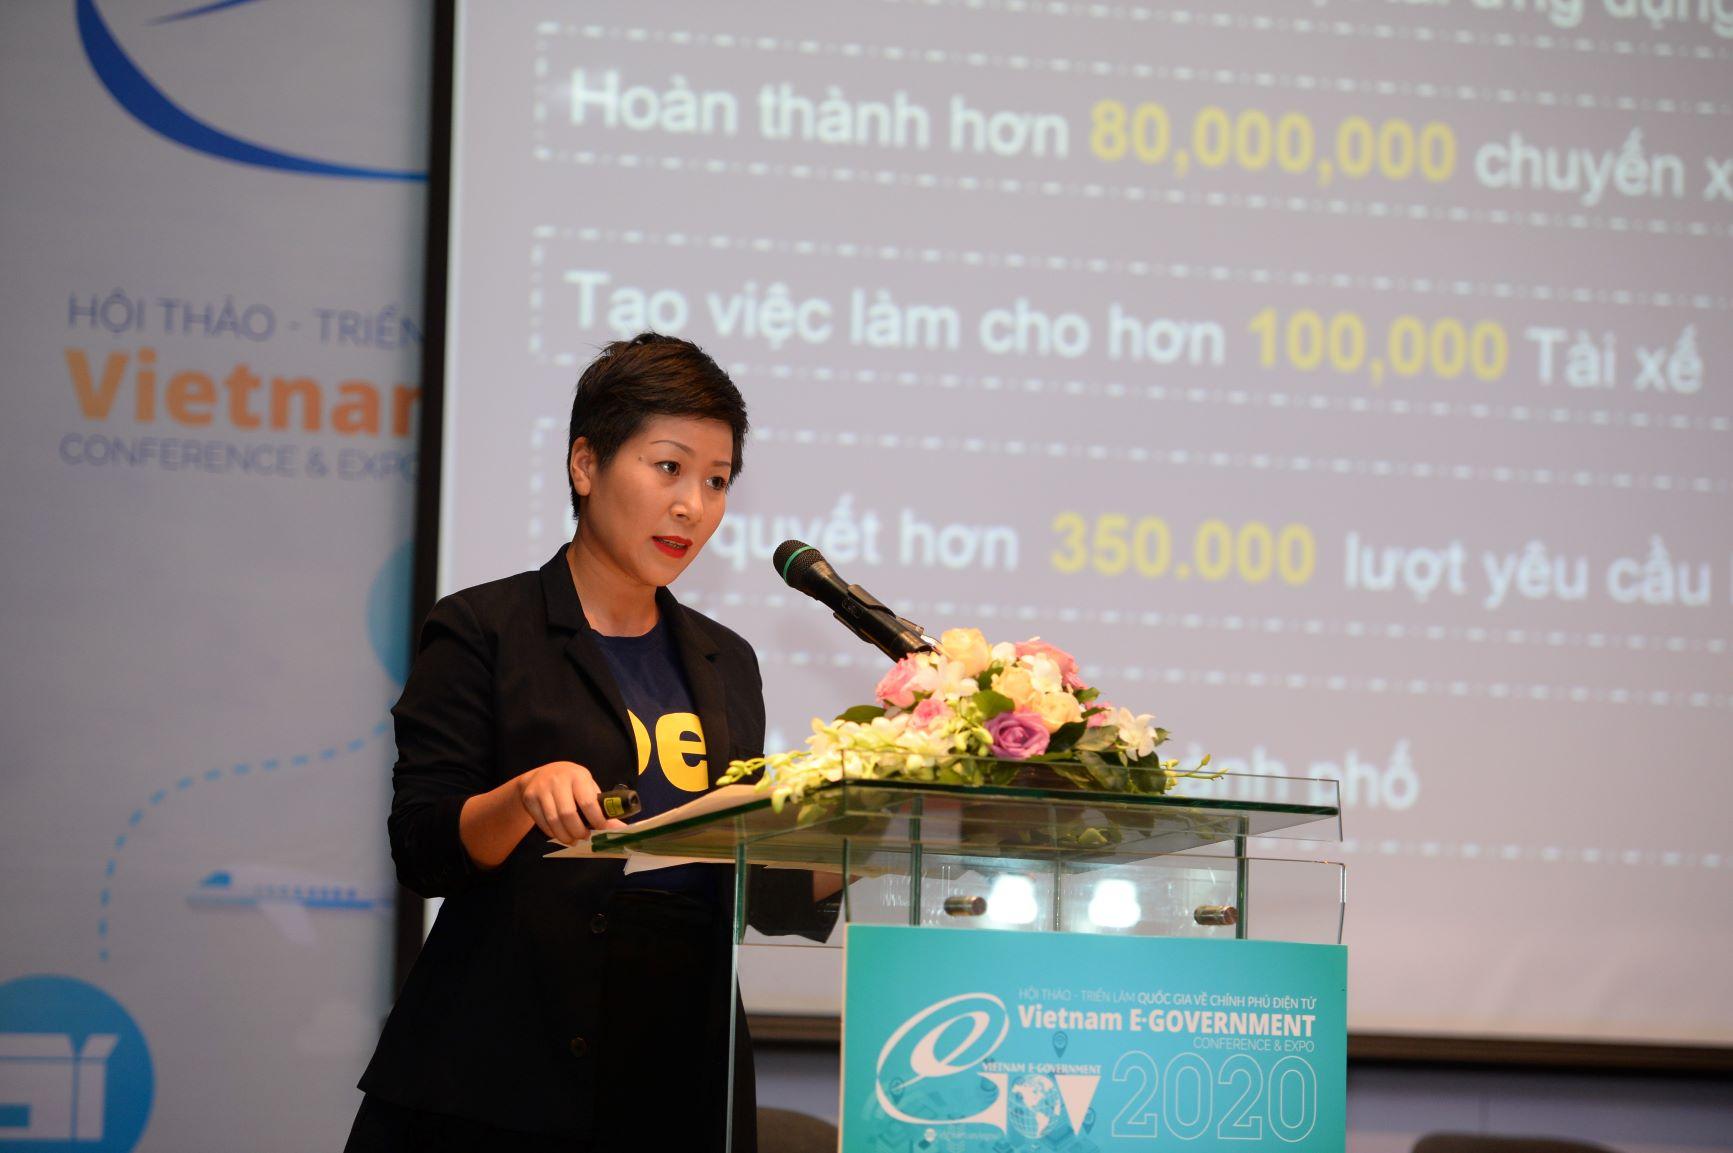 CEO Be đề xuất phương án xây dựng mô hình vận chuyển đô thị thông minh tại Việt Nam - Ảnh 1.